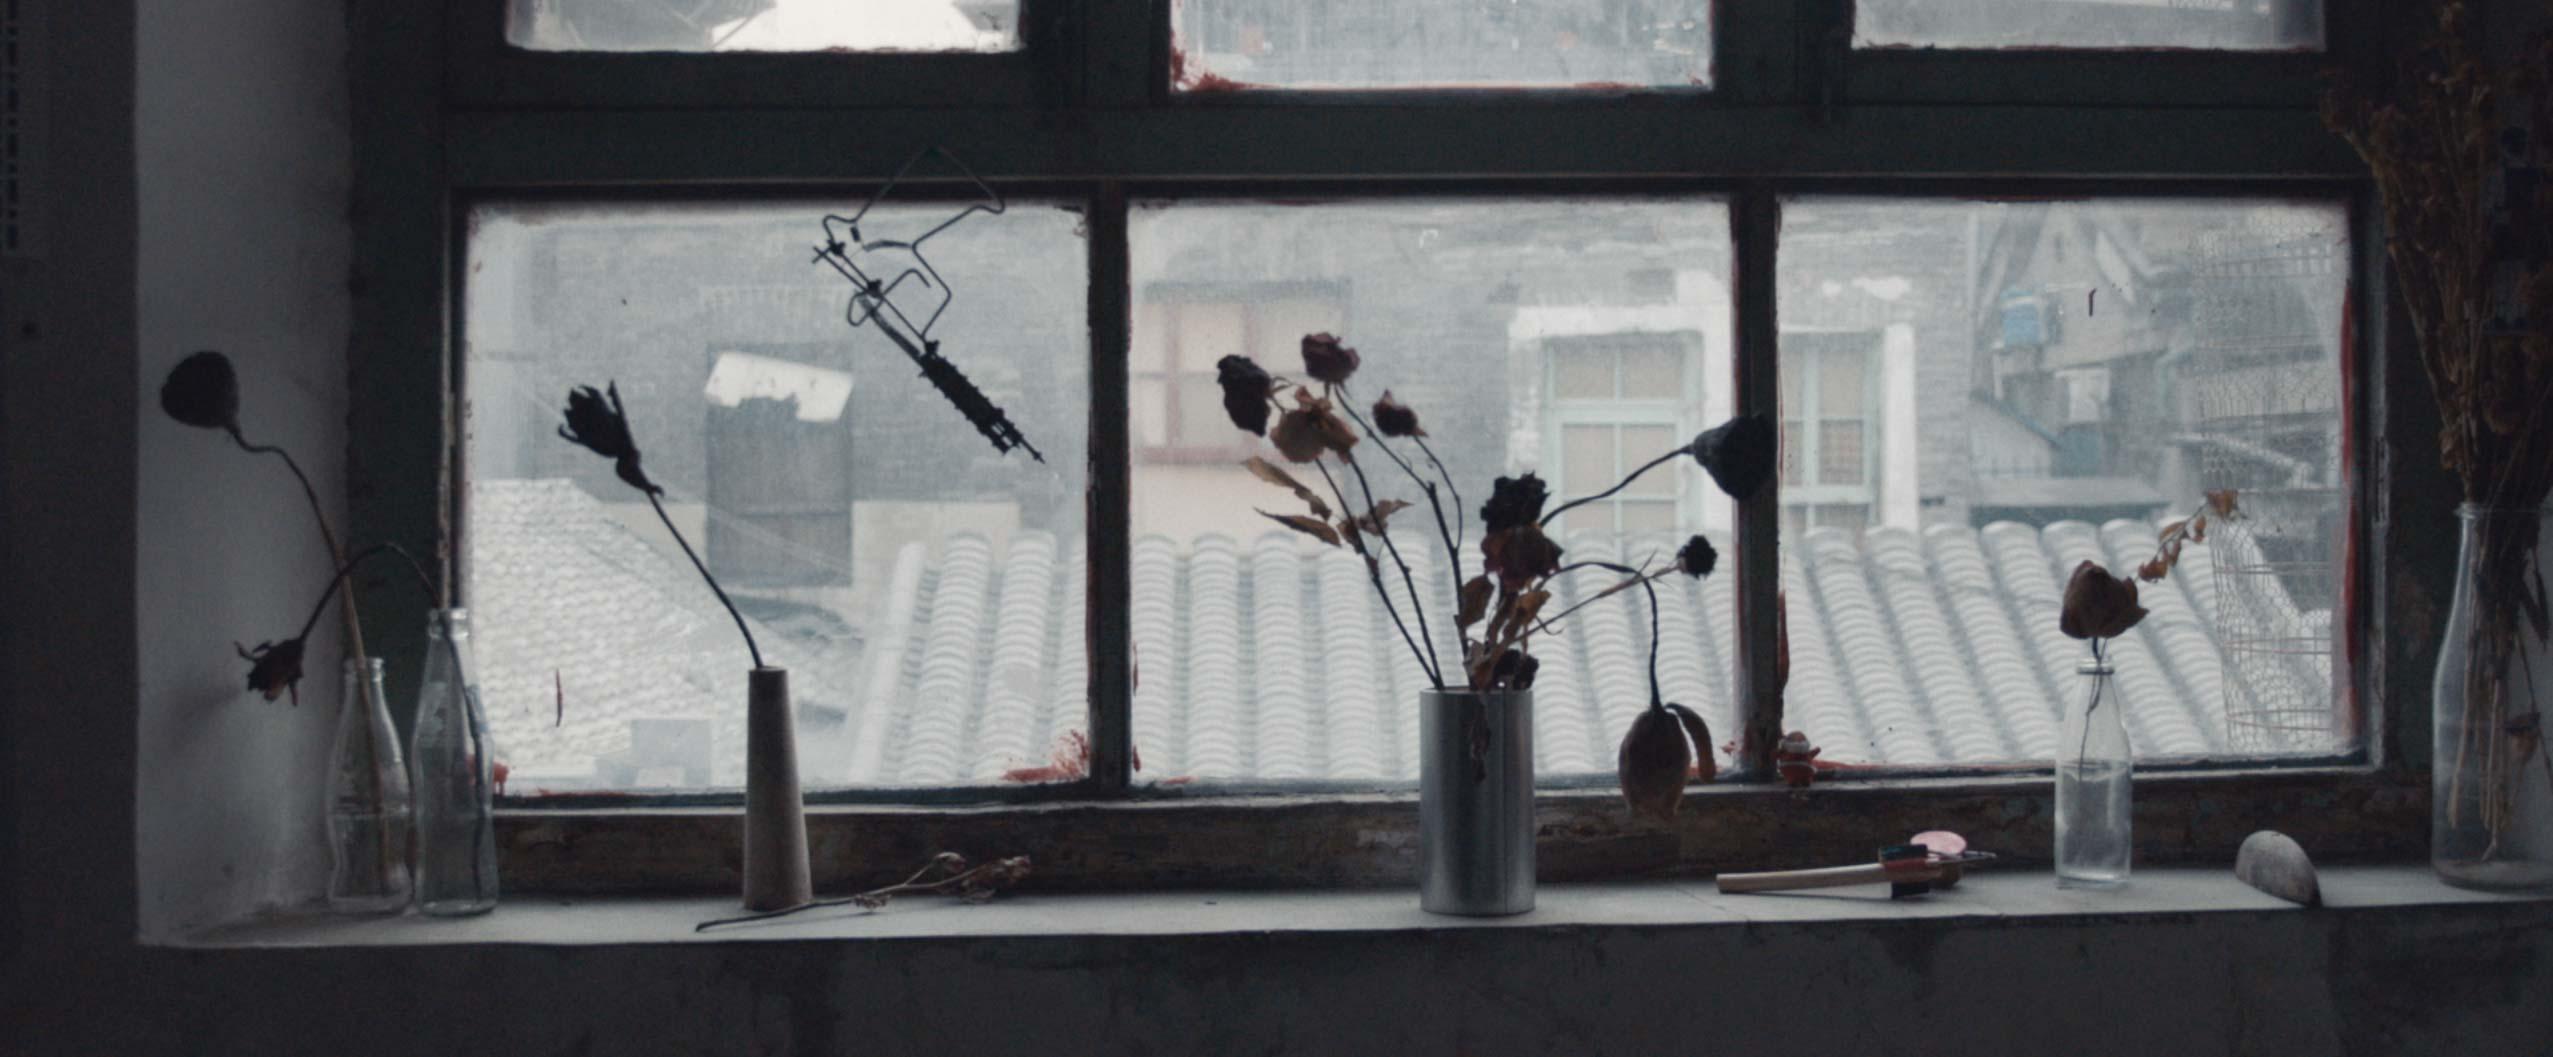 1_Capture-d'écran-2018-04-30-à-10.53.50